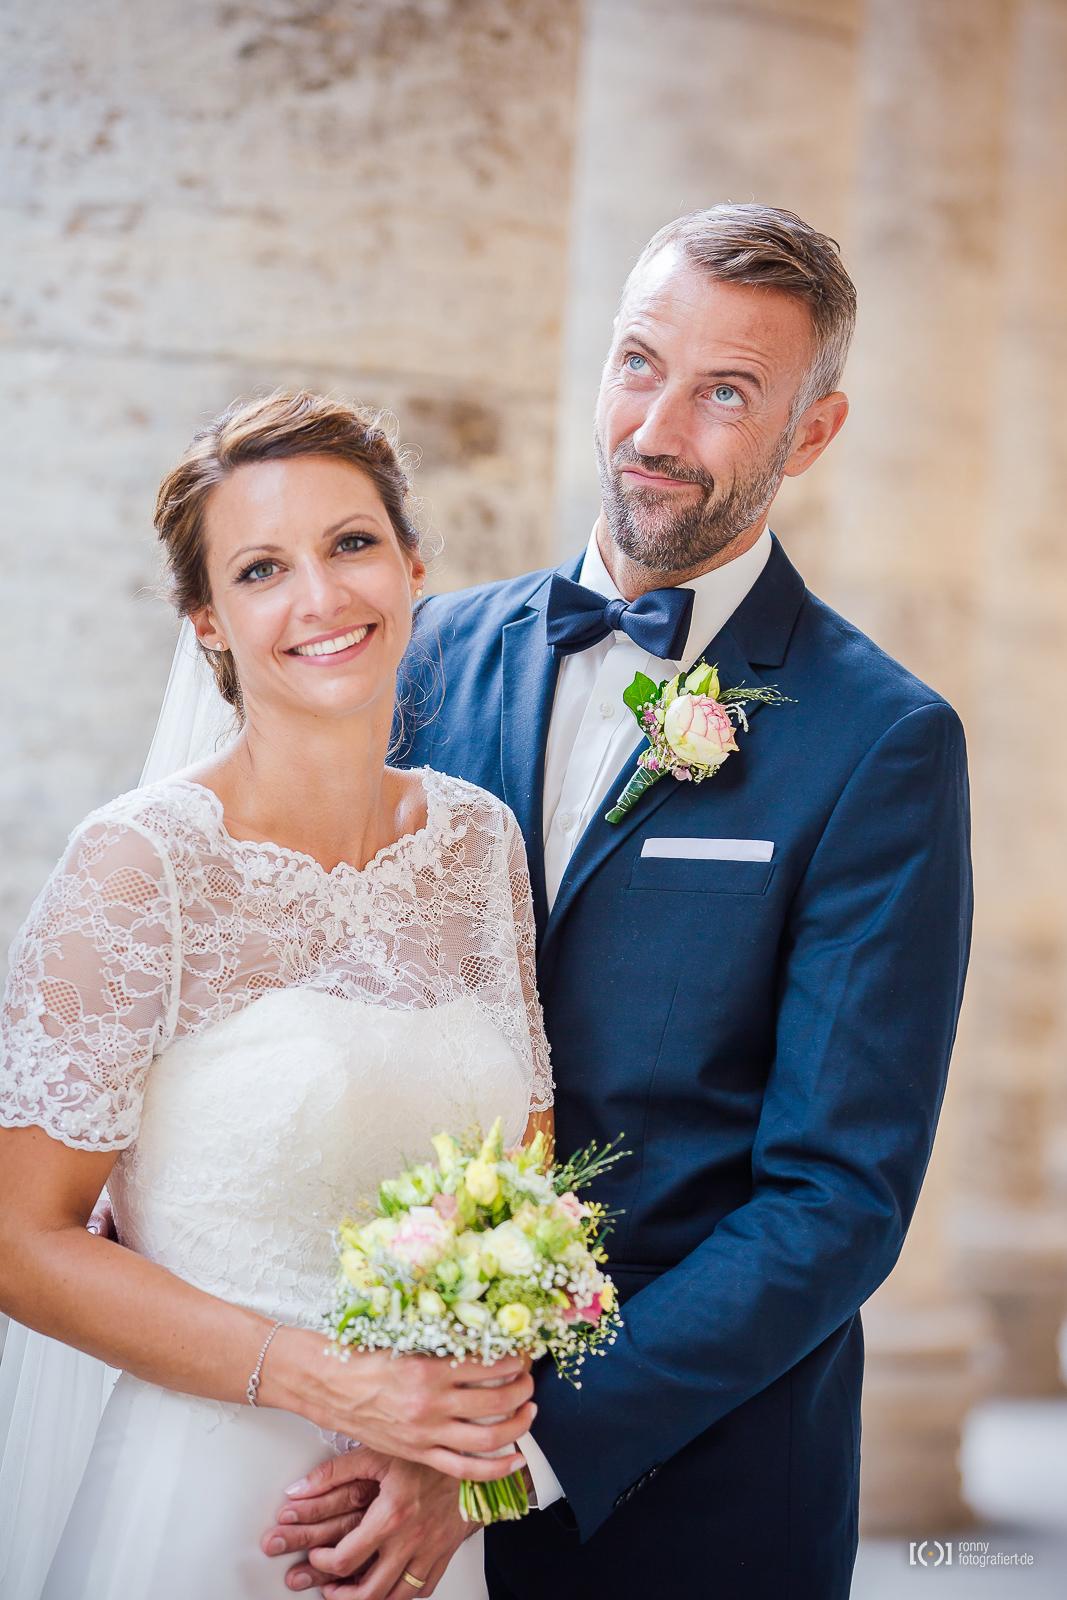 Cool Lustige Hochzeitsbilder Gallery Of Foto Hochzeitsfotos Von Ronny Walter